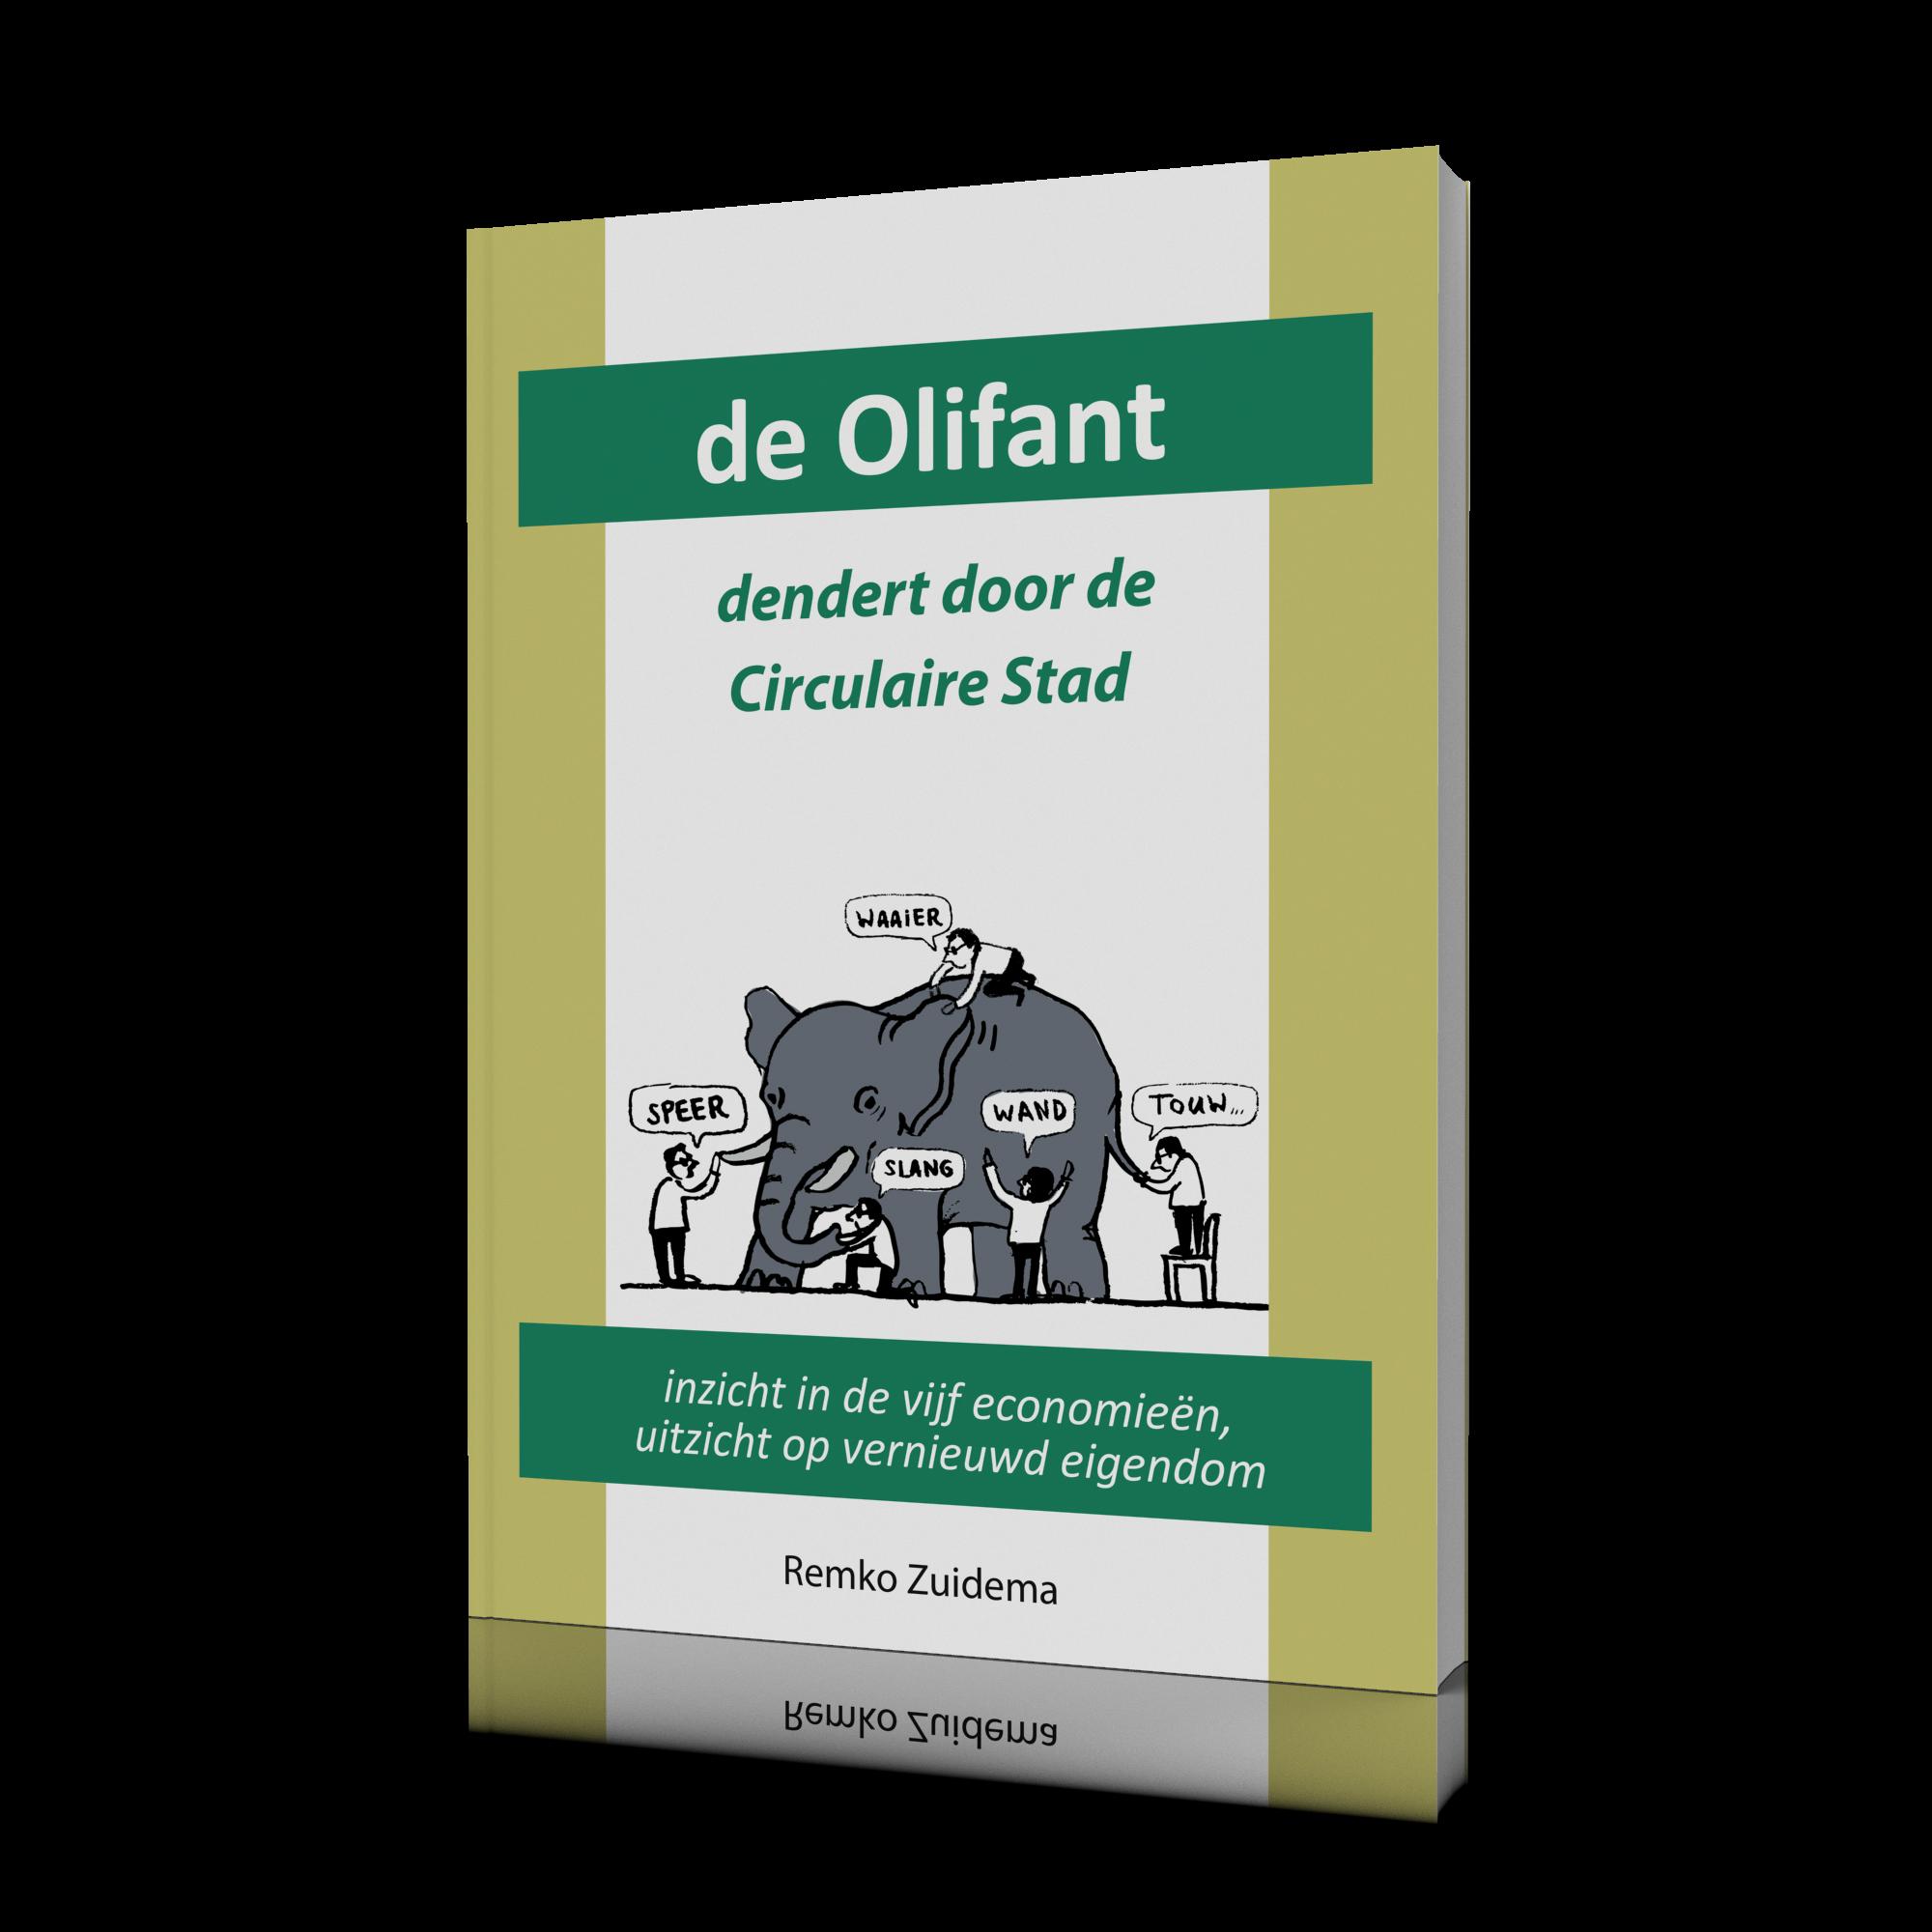 3D Cover boek de Olifant dendert door de Circulaire Stad v1.1